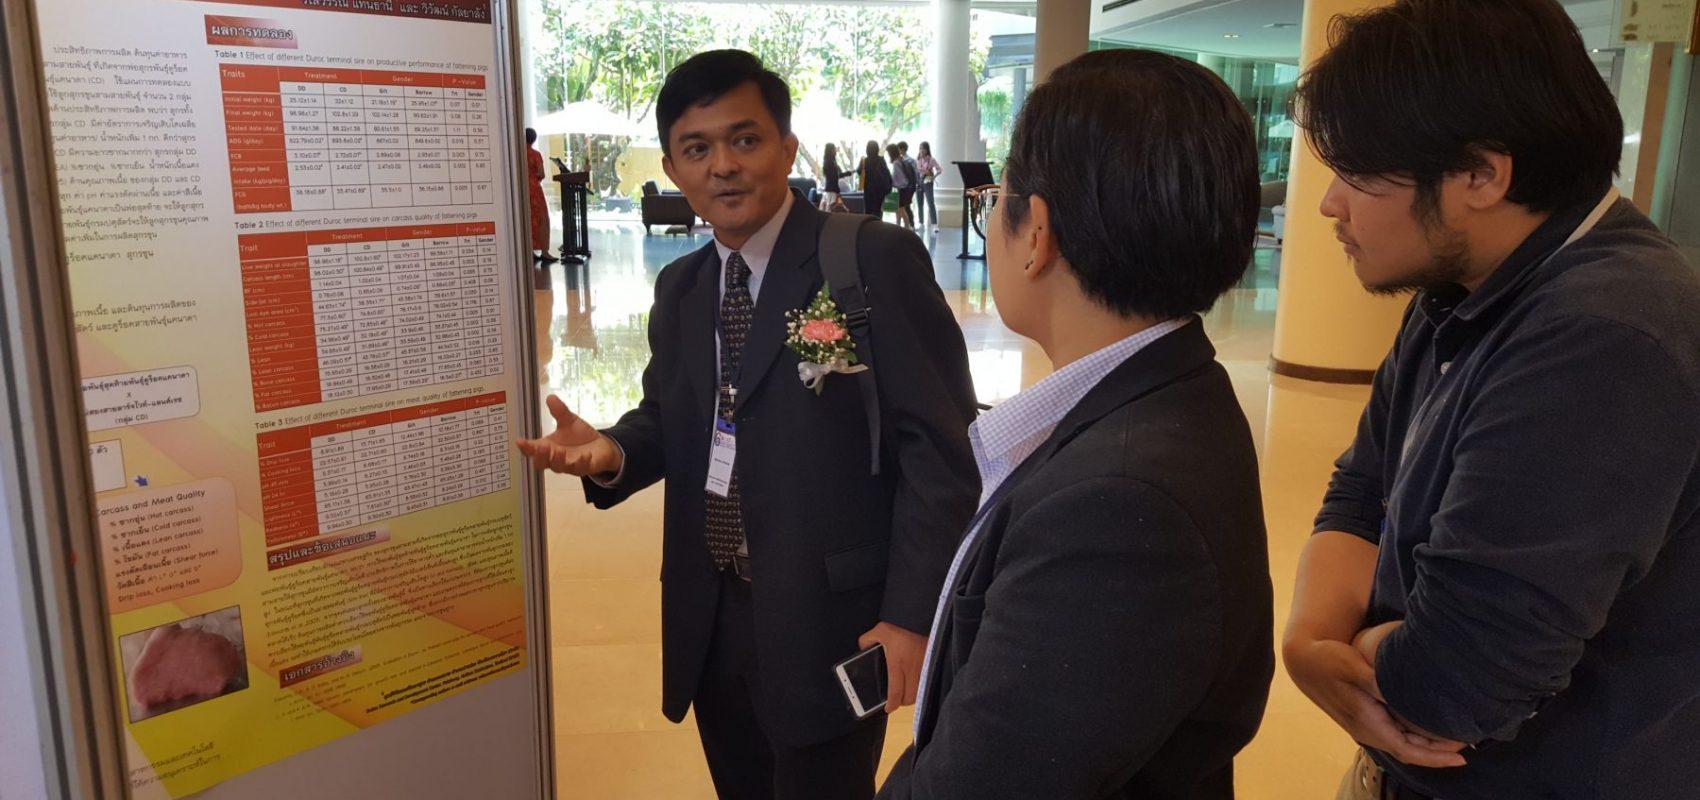 ศูนย์วิจัยและพัฒนาสุกร ร่วมประชุมวิชาการ วิทยาศาสตร์เนื้อสัตว์ ครั้งที่ 6 ปี 2561